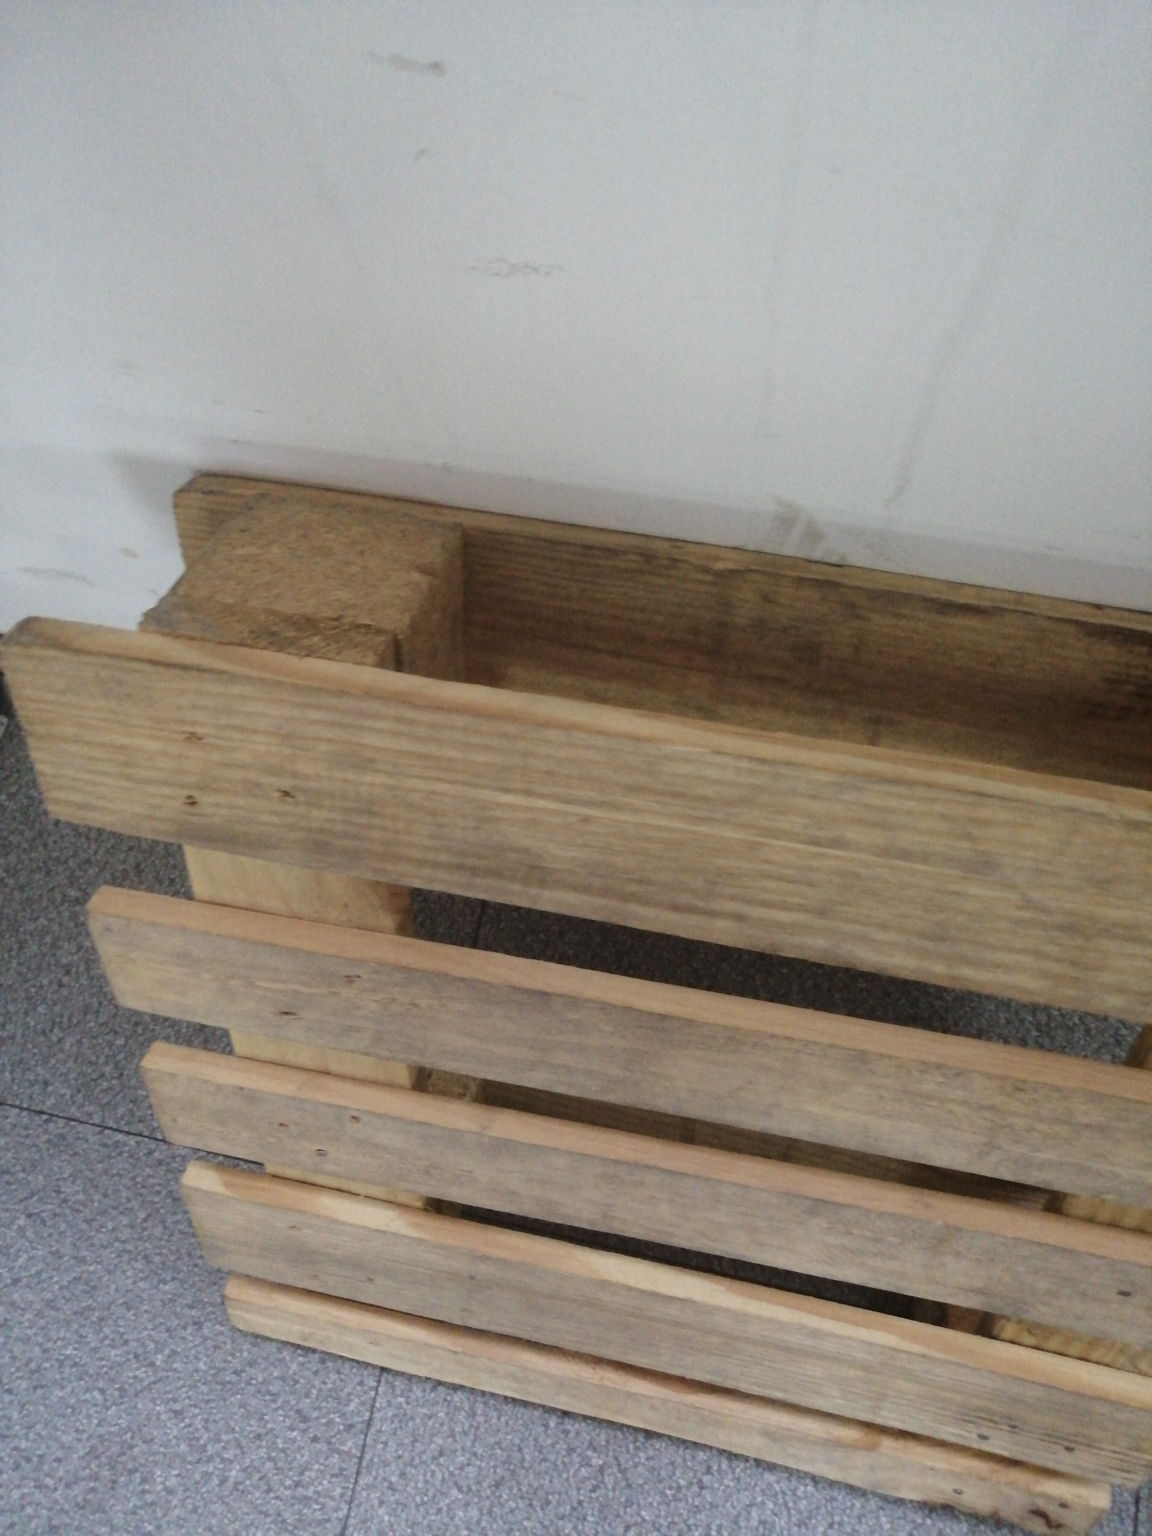 嘉兴销售标准木托盘 - 批发厂家